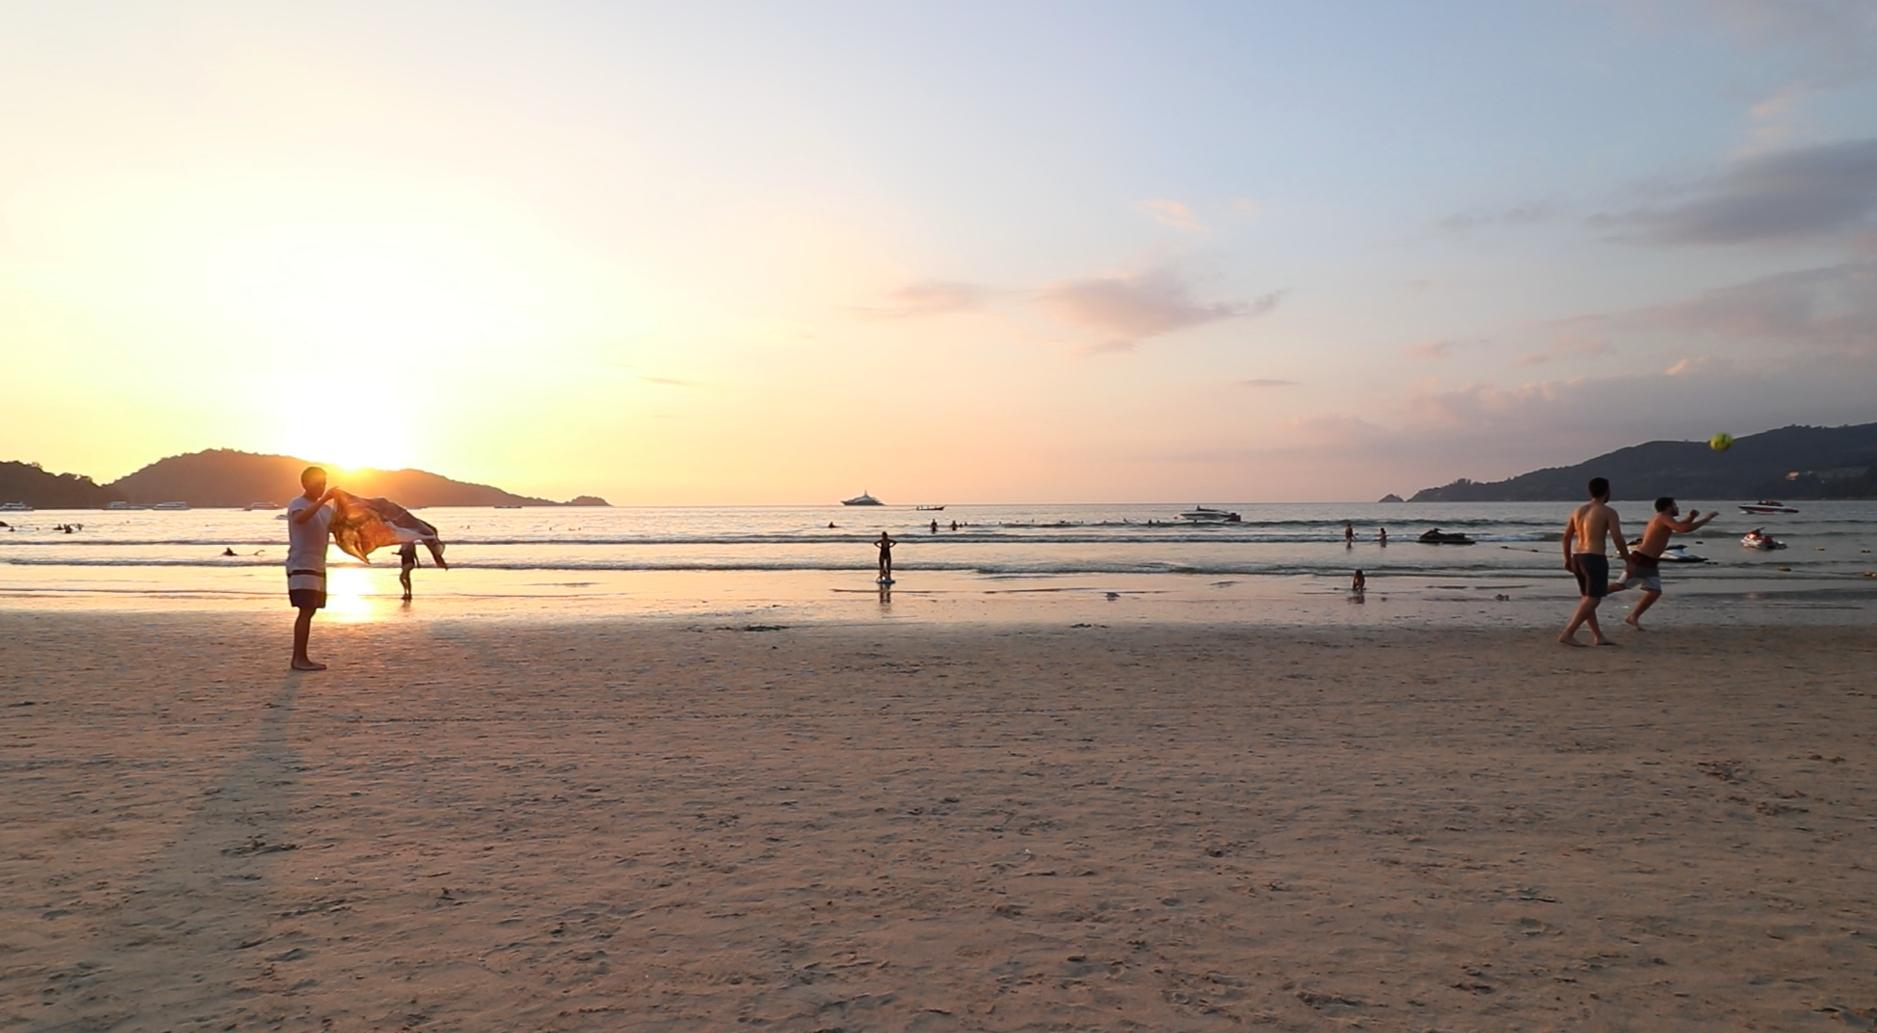 ホテルのプライベートビーチ!パラソルがなくてめっちゃ綺麗に夕日が見える!